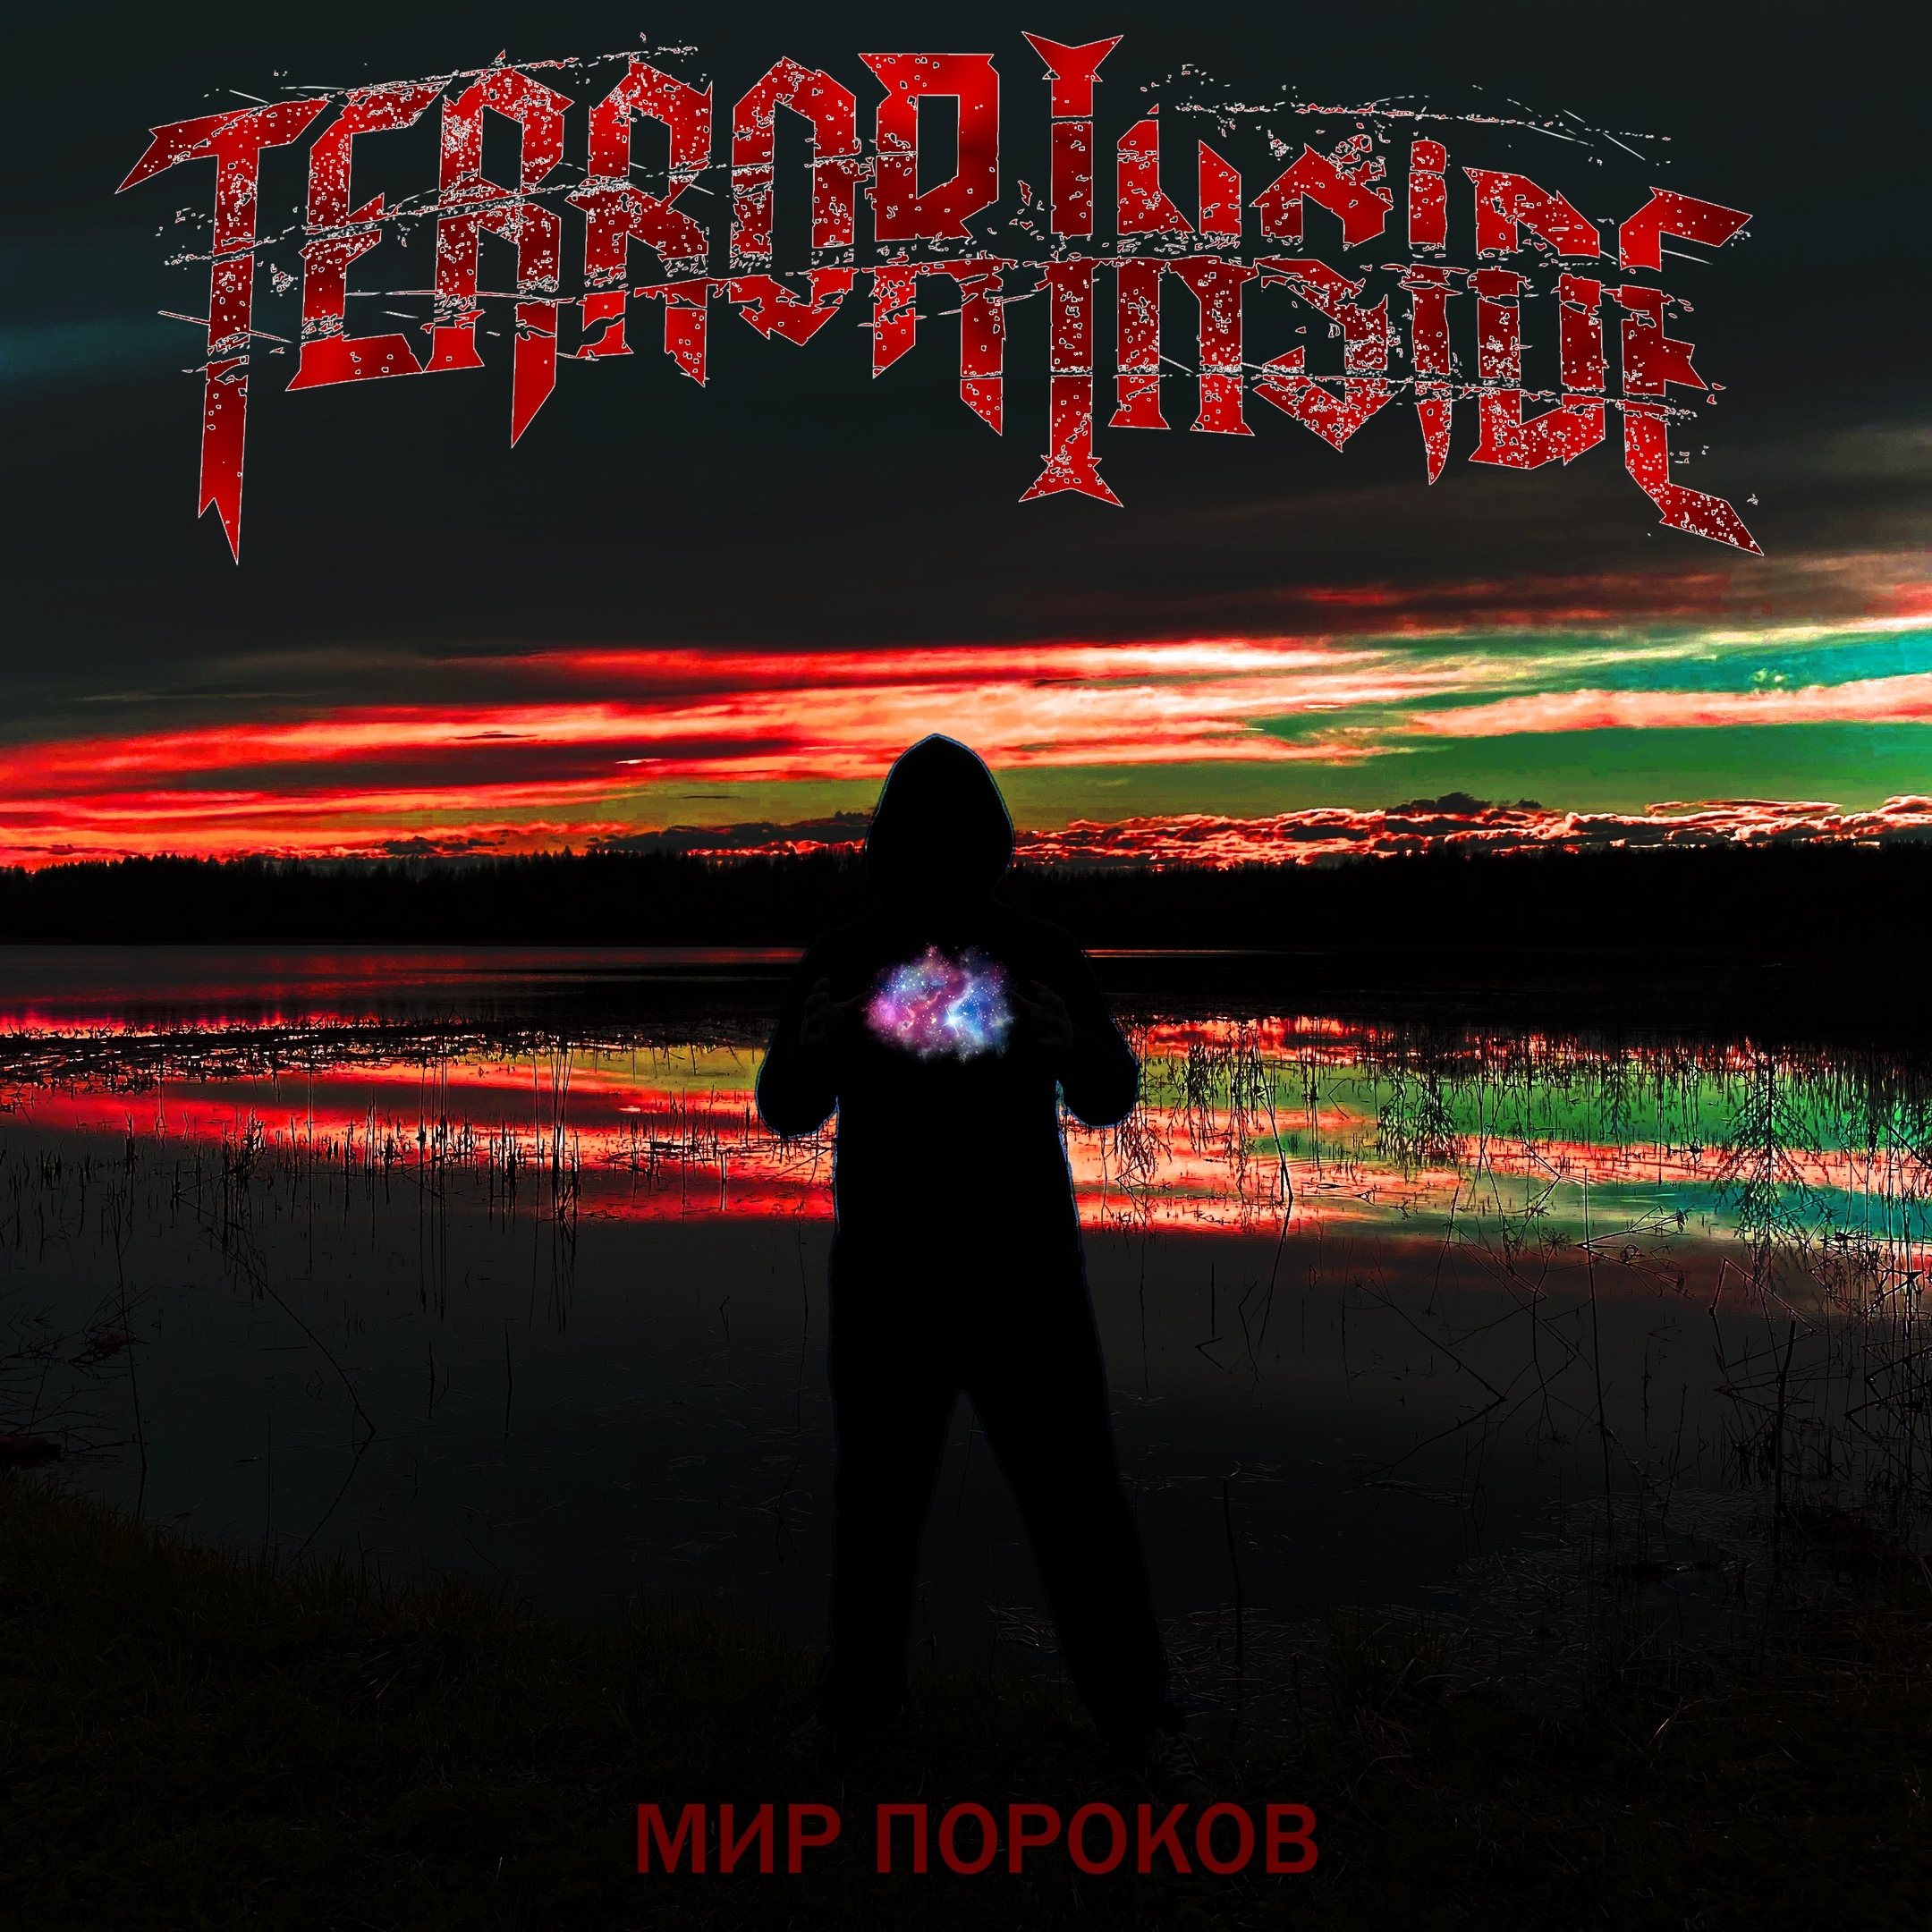 TERROR INSIDE - Мир пороков [single] (2020)